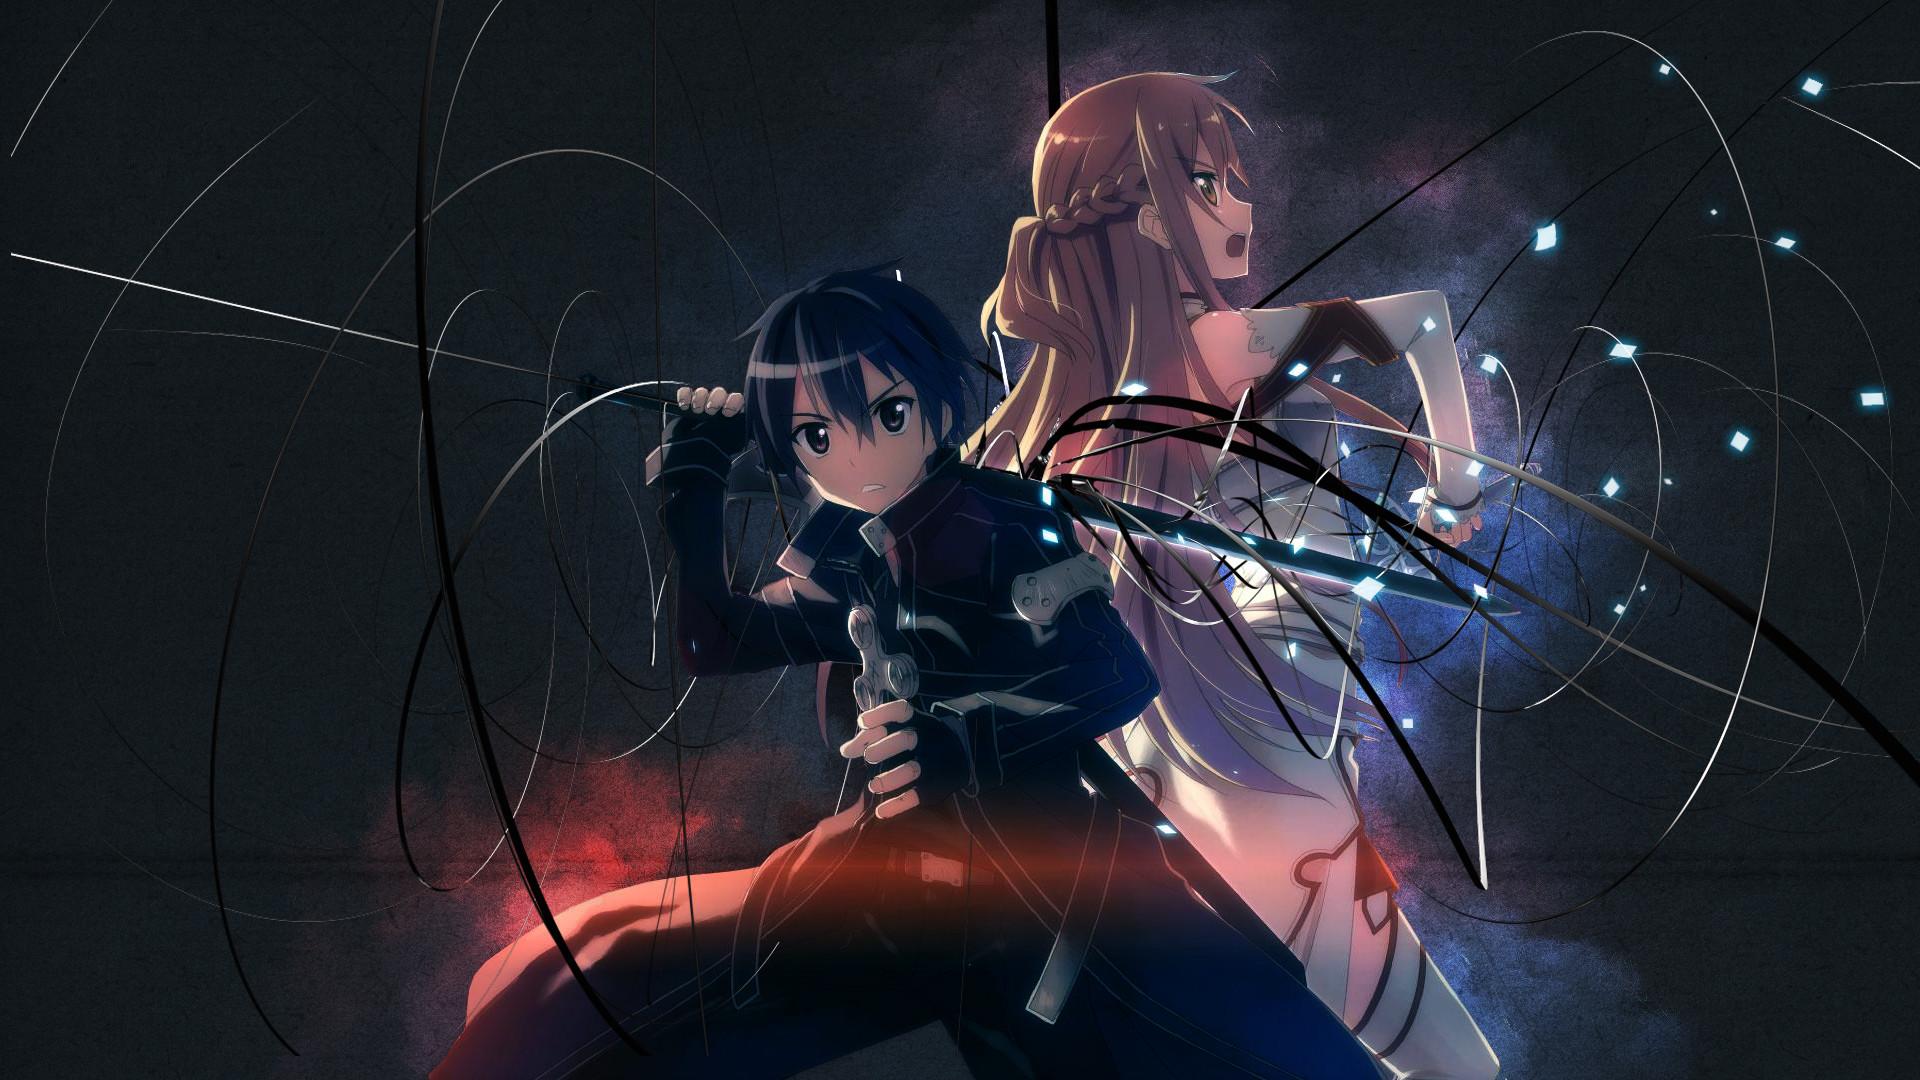 Anime – Sword Art Online Asuna Yuuki Kirito (Sword Art Online) Wallpaper